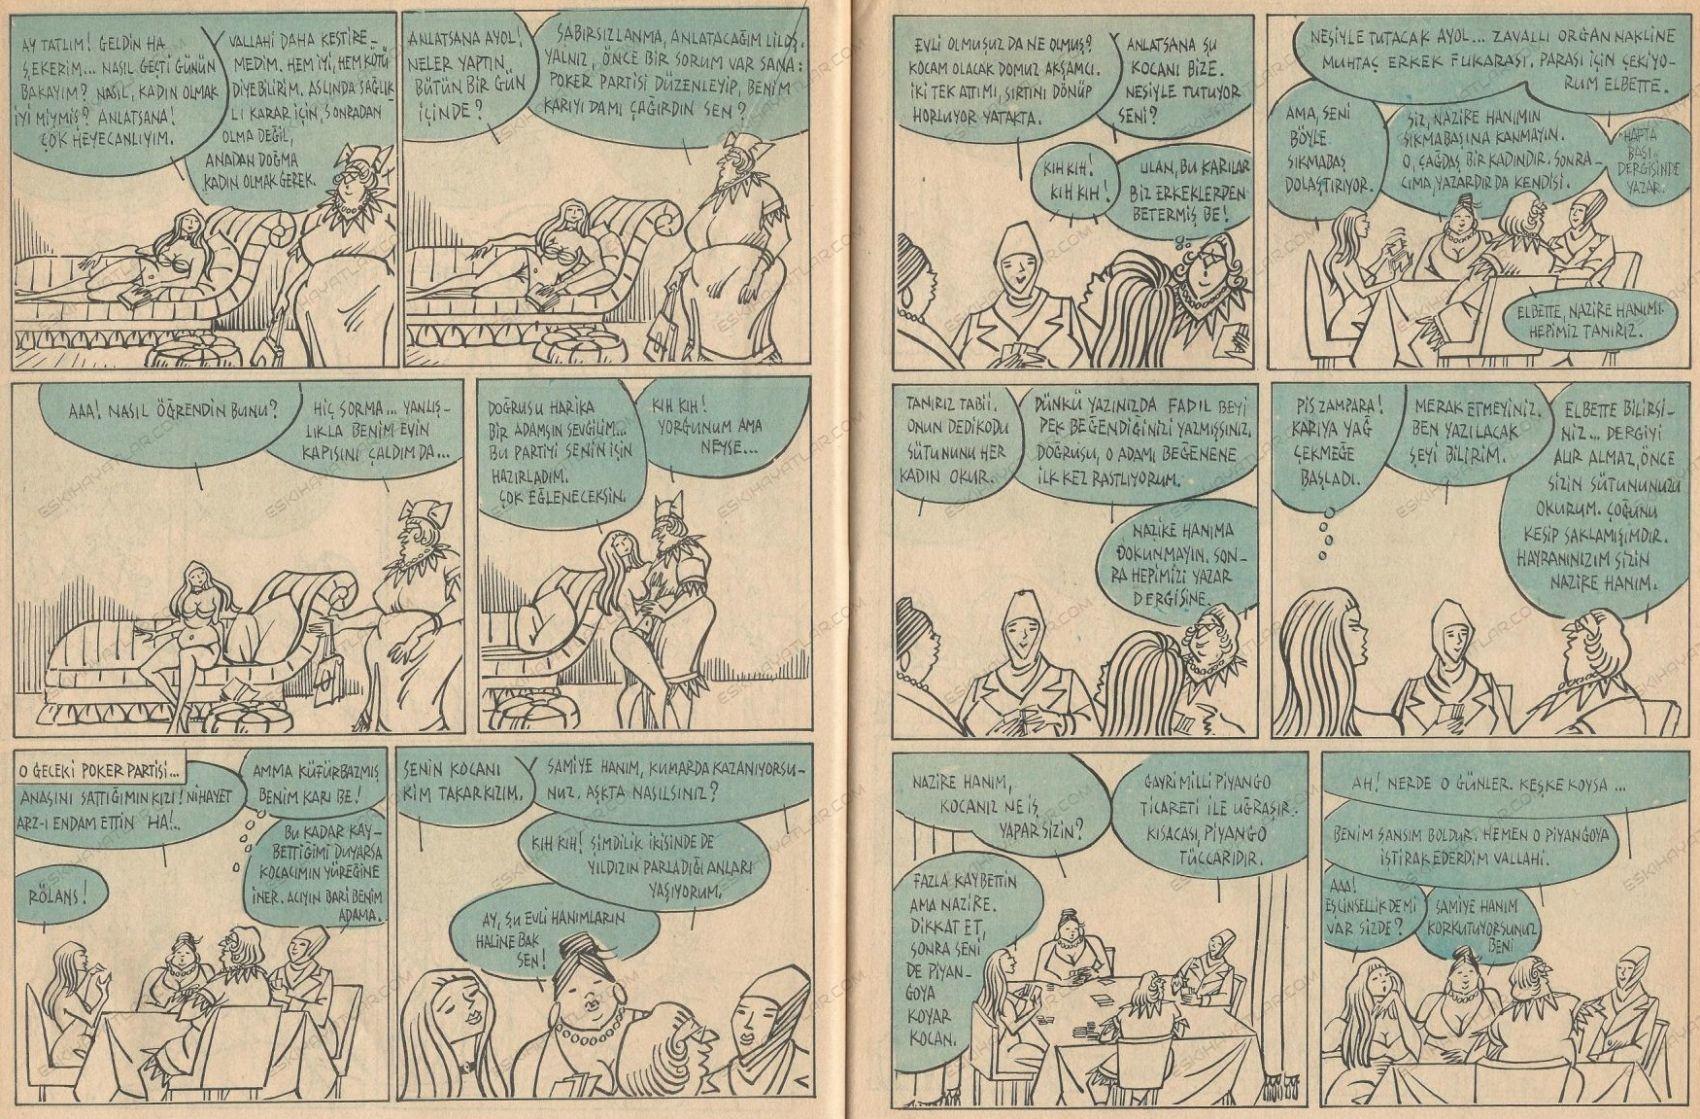 0177-abdulcanbaz-kadin-nedir-senin-adin-turhan-selcuk-milliyet-yayinlari (8)